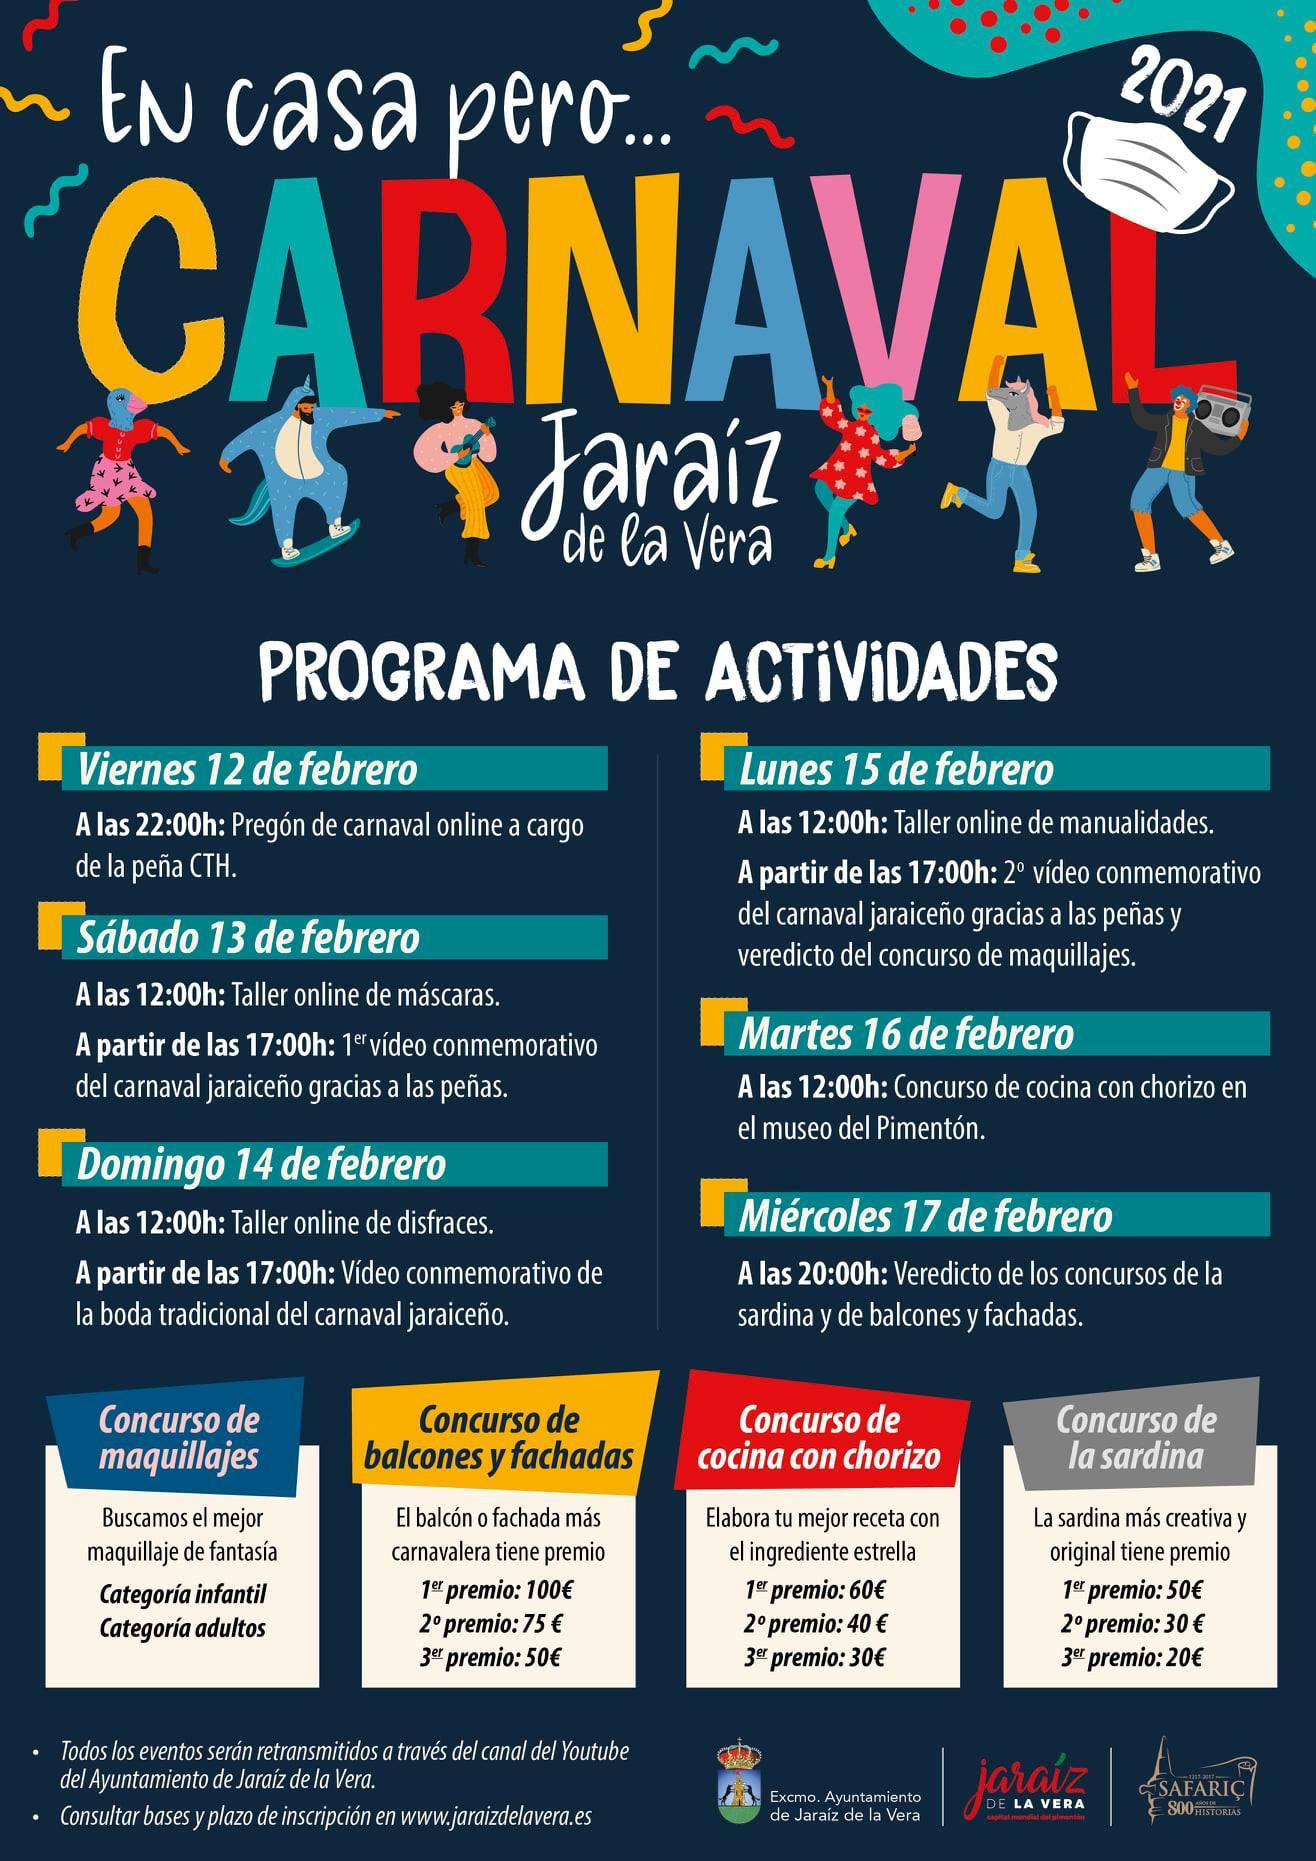 Carnaval (2021) - Jaraíz de la Vera (Cáceres) 2